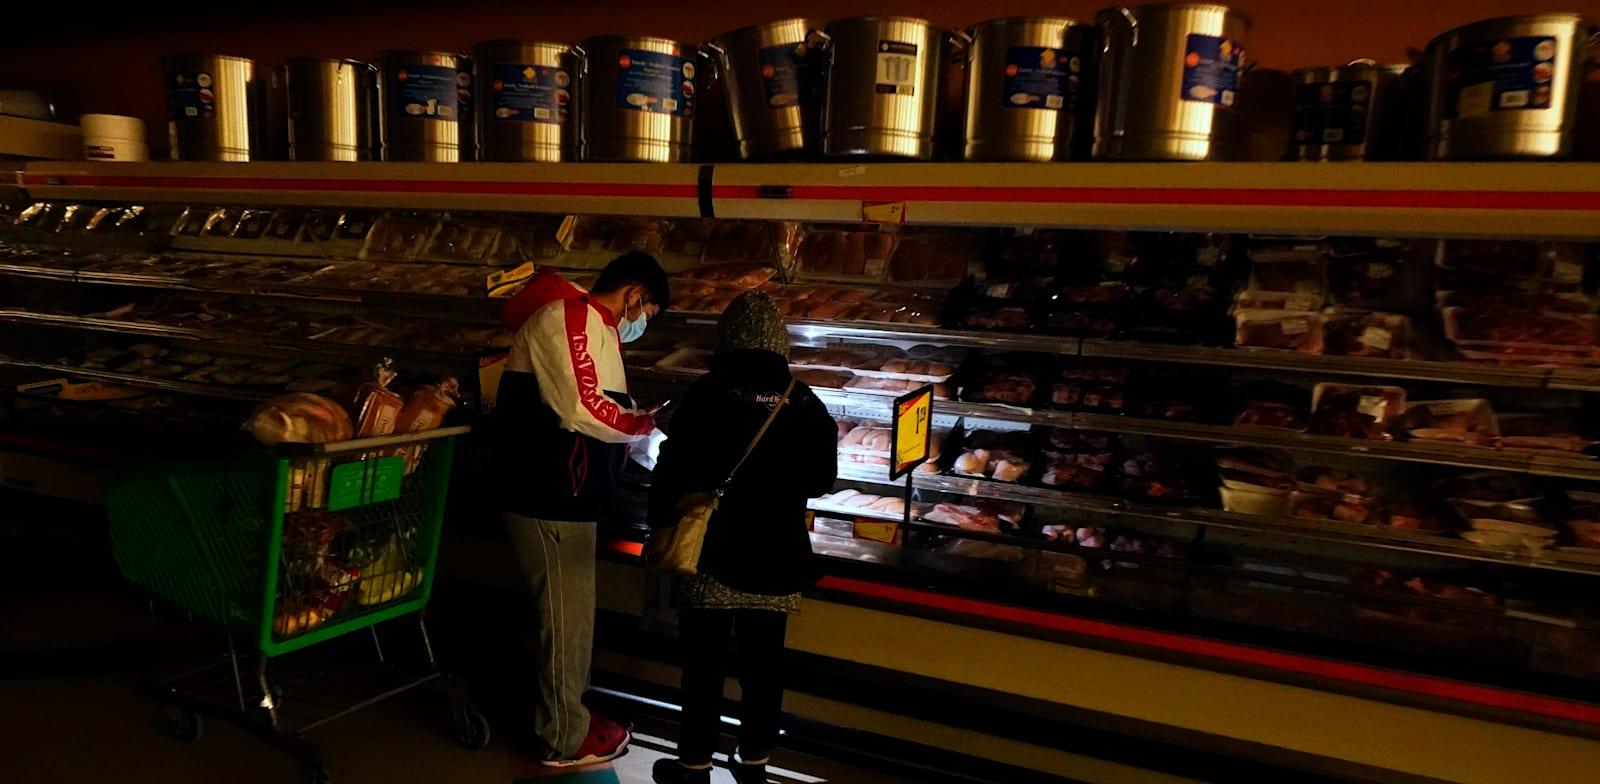 טקסנים משתמשים בפנס של הטלפון הסלולרי כדי לראות את המצרכים בחנות בדאלאס בזמן הפסקת החשמל / צילום: Associated Press, LM Otero